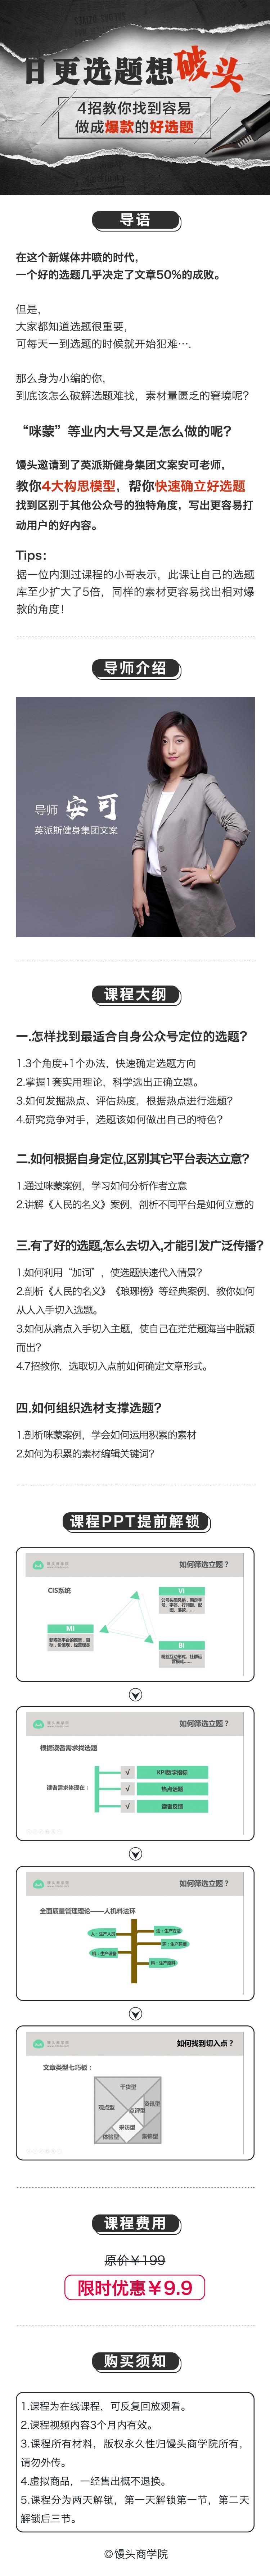 http://mtedu-img.oss-cn-beijing-internal.aliyuncs.com/ueditor/20180109193558_703776.jpg